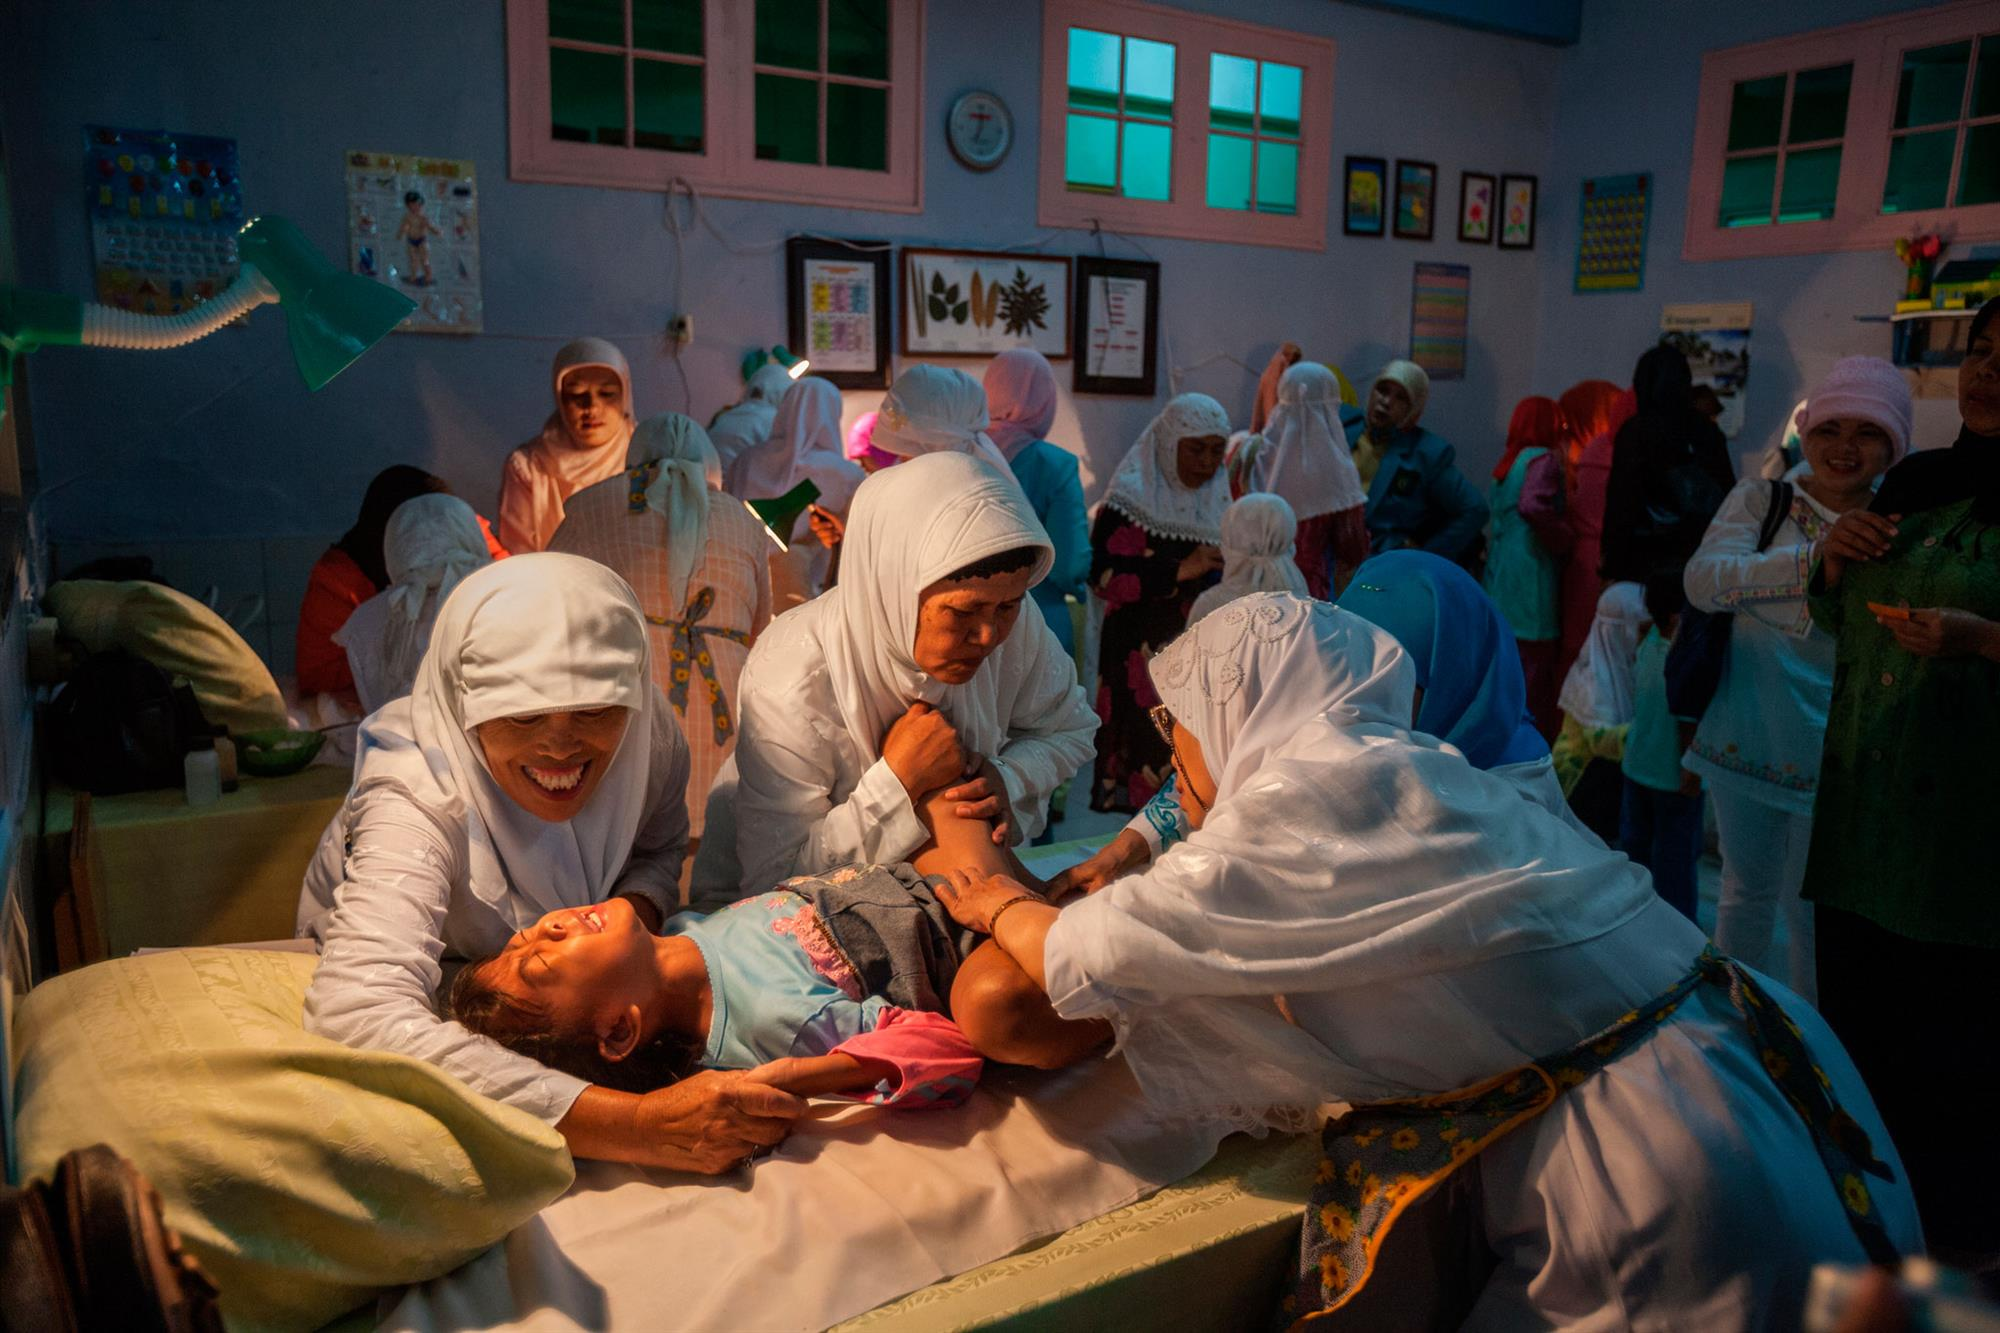 MG 1143. Mutilación genital